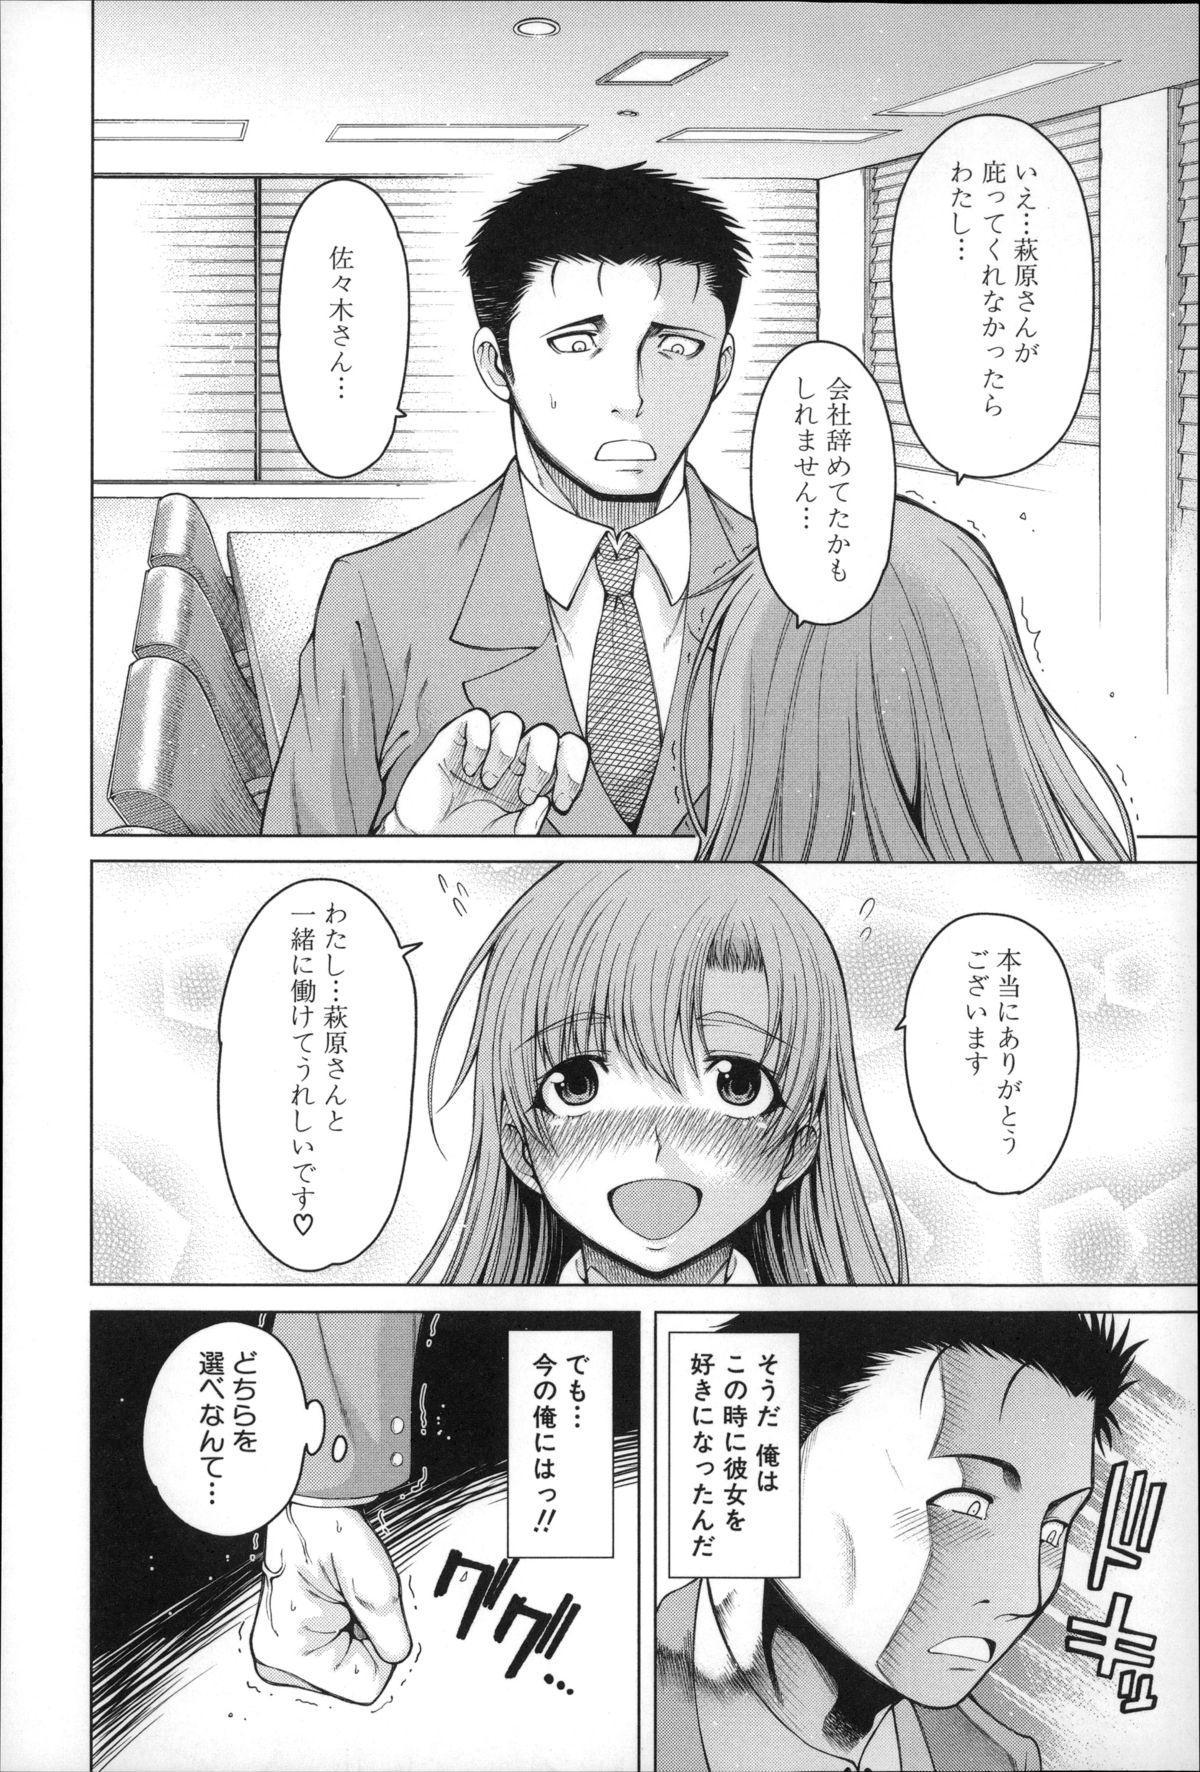 Migite ga Bishoujo ni Natta kara Sex Shita kedo Doutei dayone!! 158